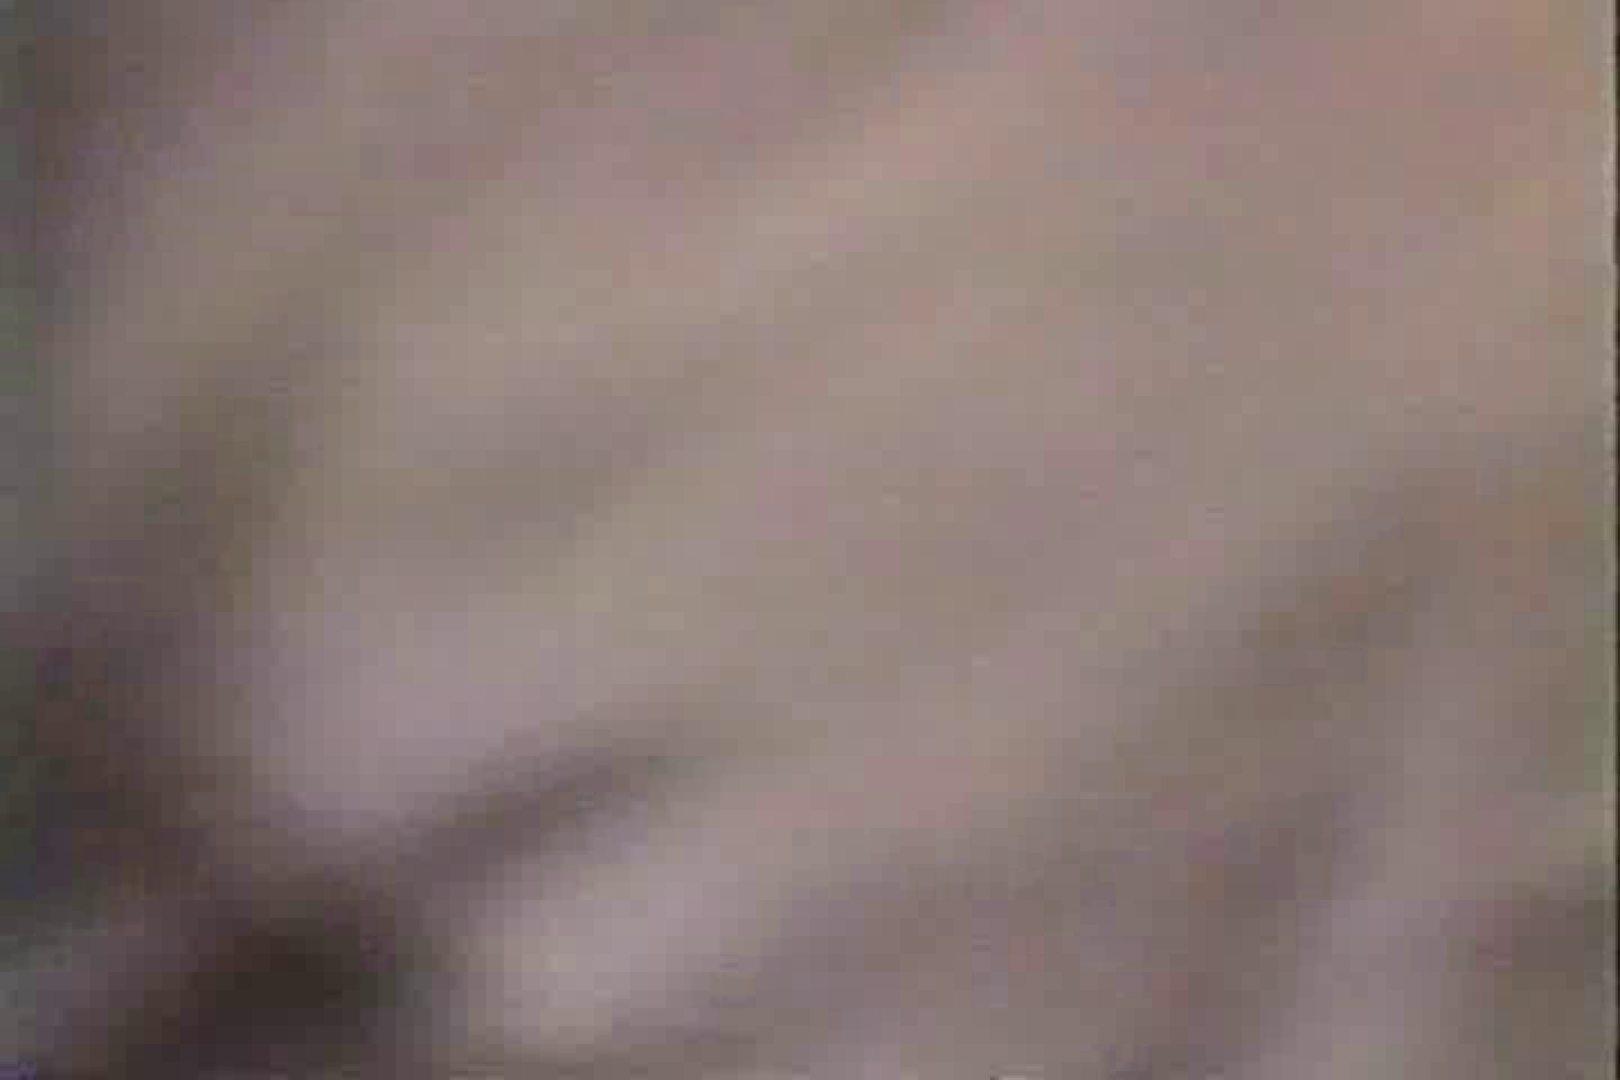 「ちくりん」さんのオリジナル未編集パンチラVol.1_01 チラ   エロティックなOL  95画像 88